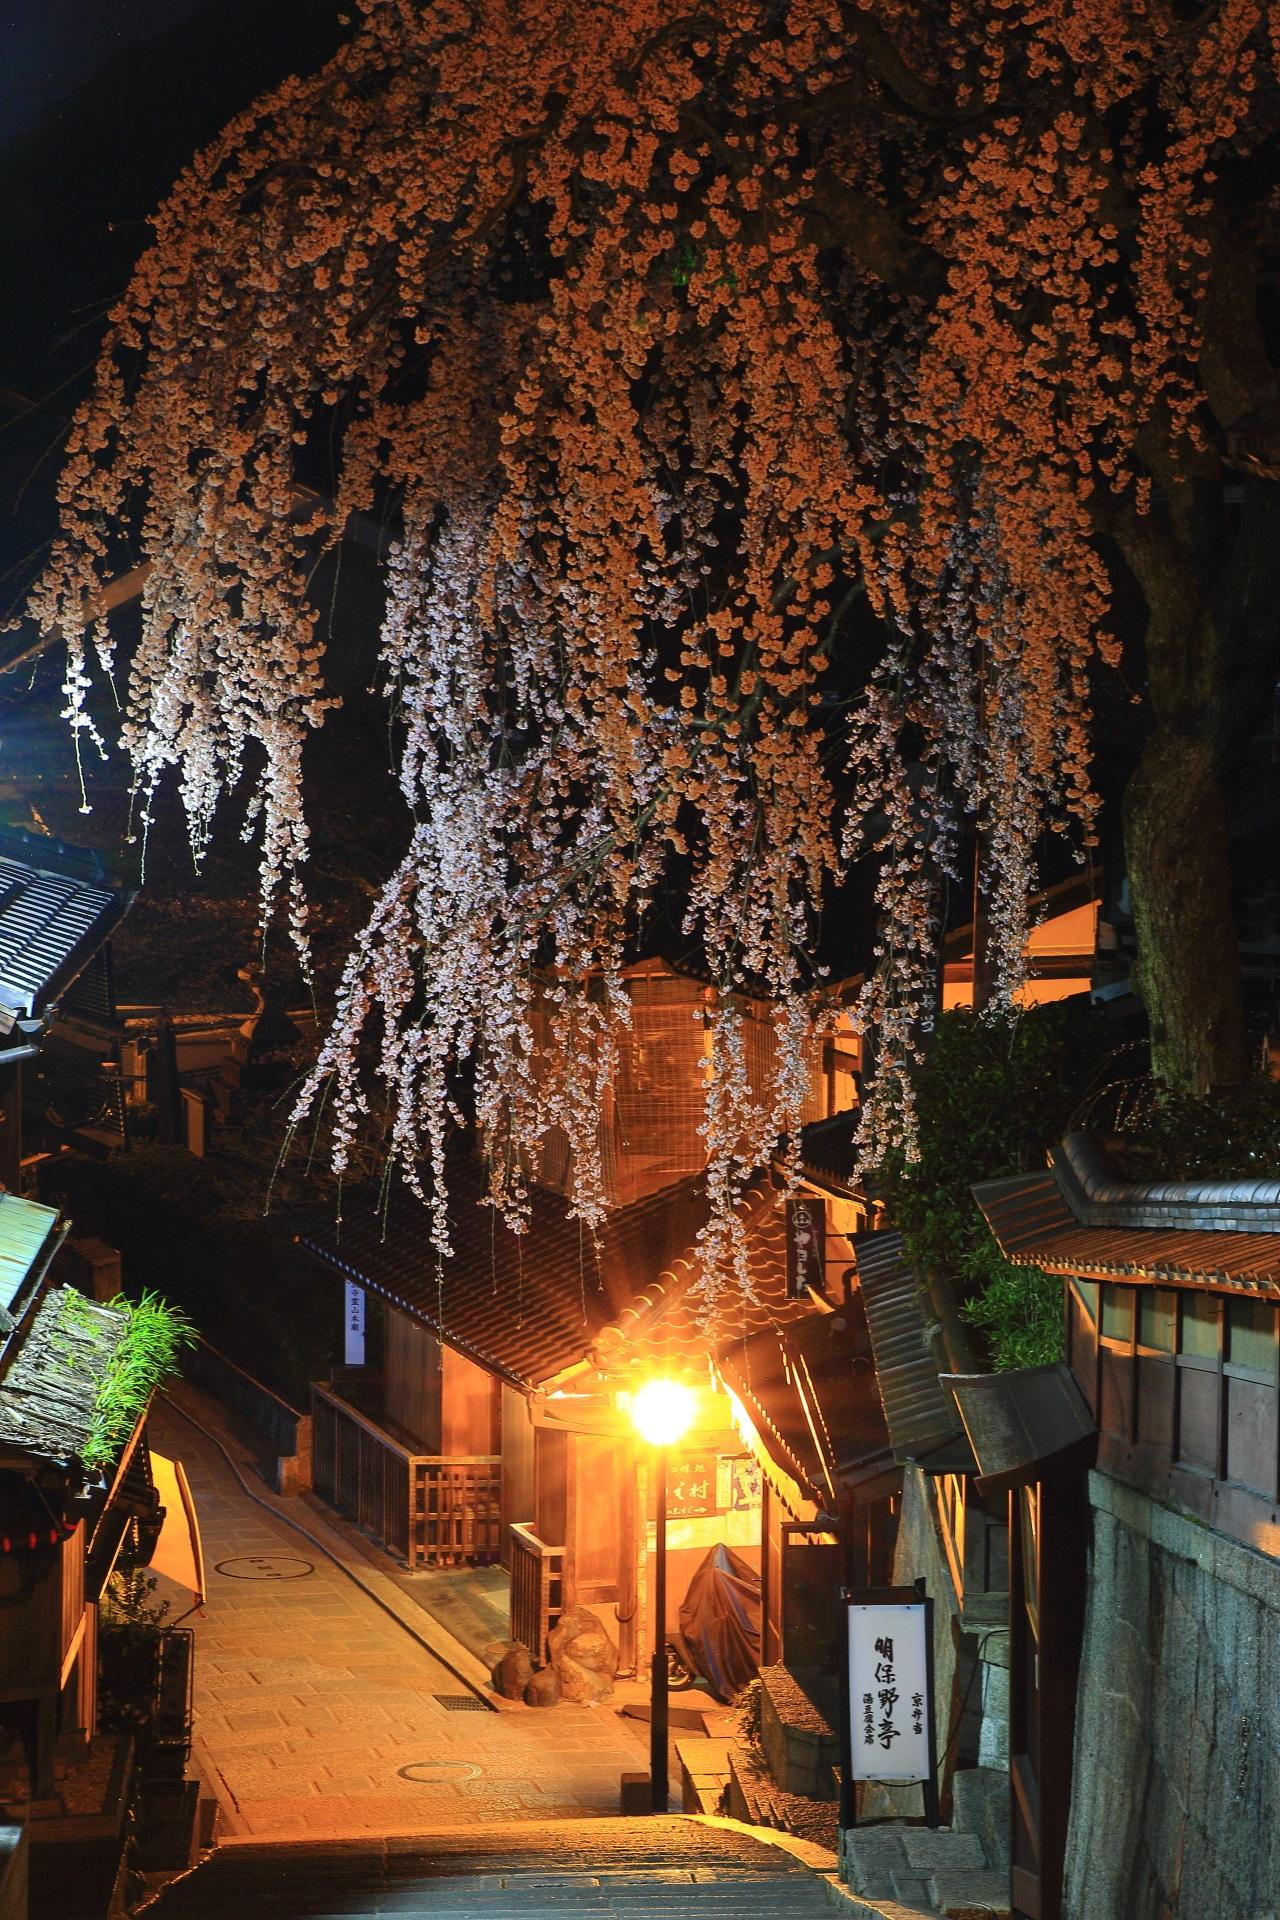 昔の時代にタイムスリップしたかのような雰囲気の夜桜